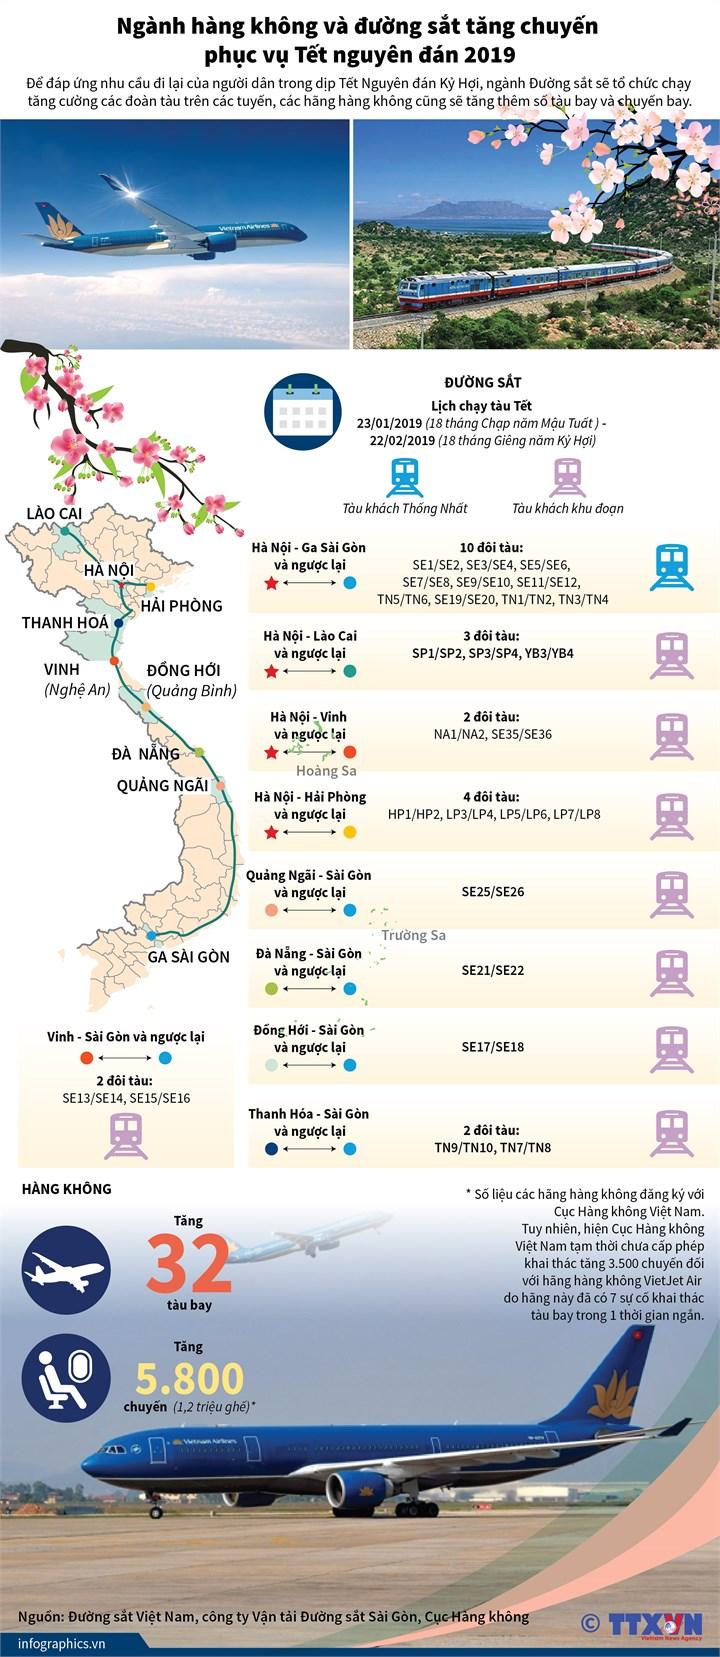 [Infographic] Ngành hàng không và đường sắt tăng chuyến phục vụ Tết nguyên đán 2019 - Ảnh 1